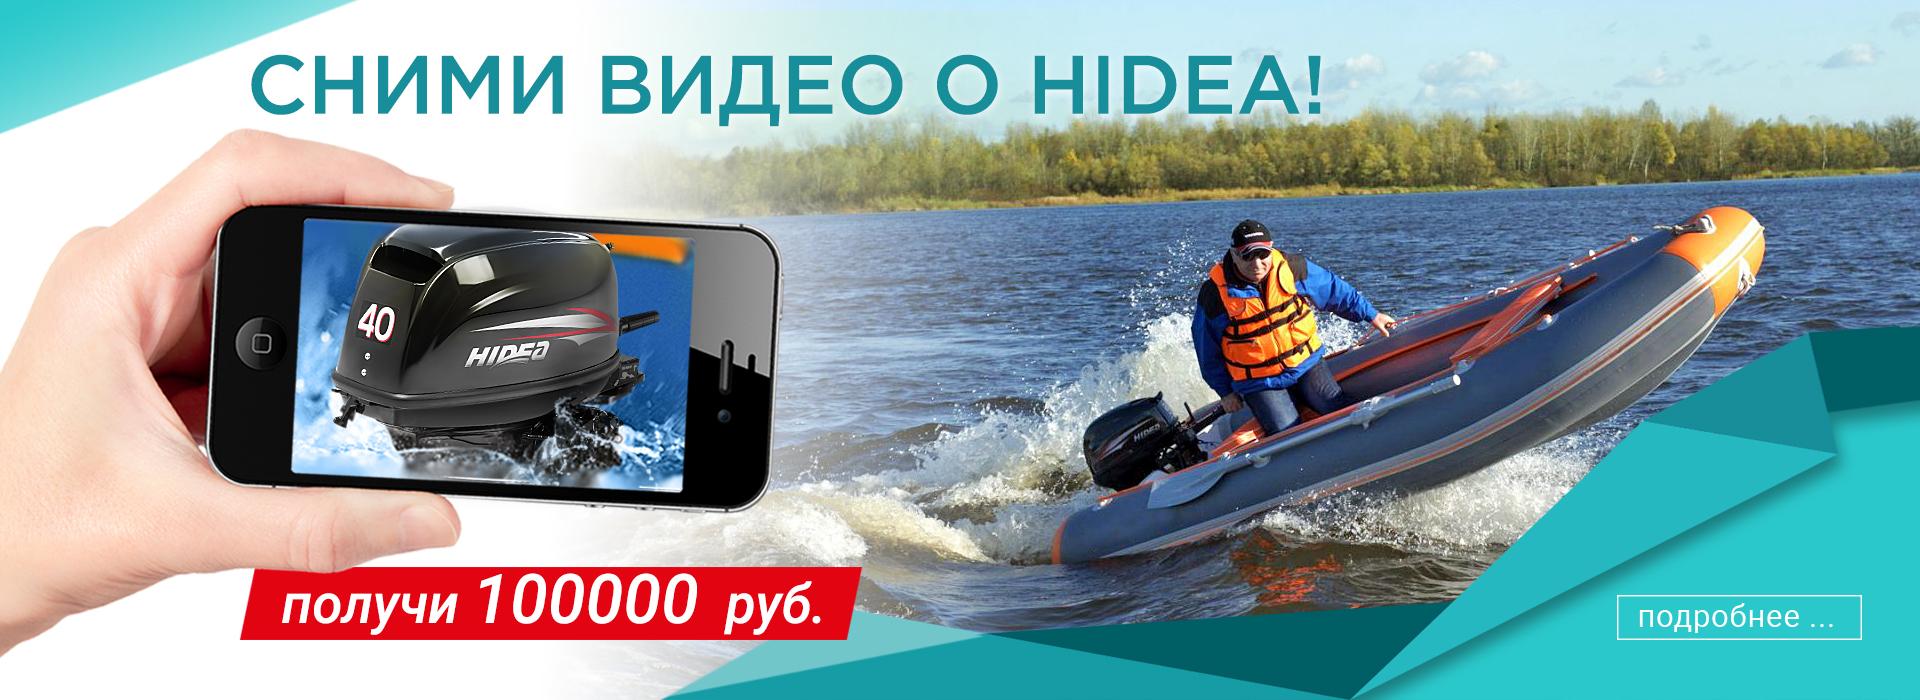 охотник и рыболов официальный сайт